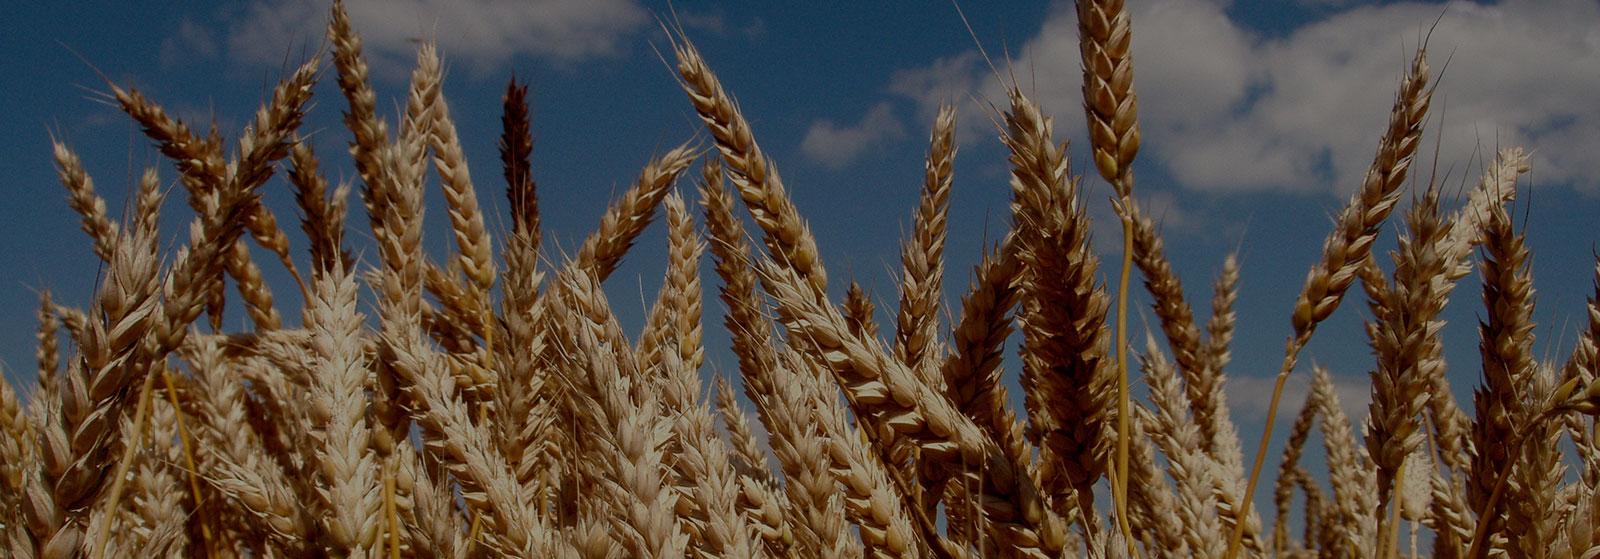 Будьте уверены в своем урожае даже при нехватке влаги и удобрений, используя уникальные сорта 5-го поколения